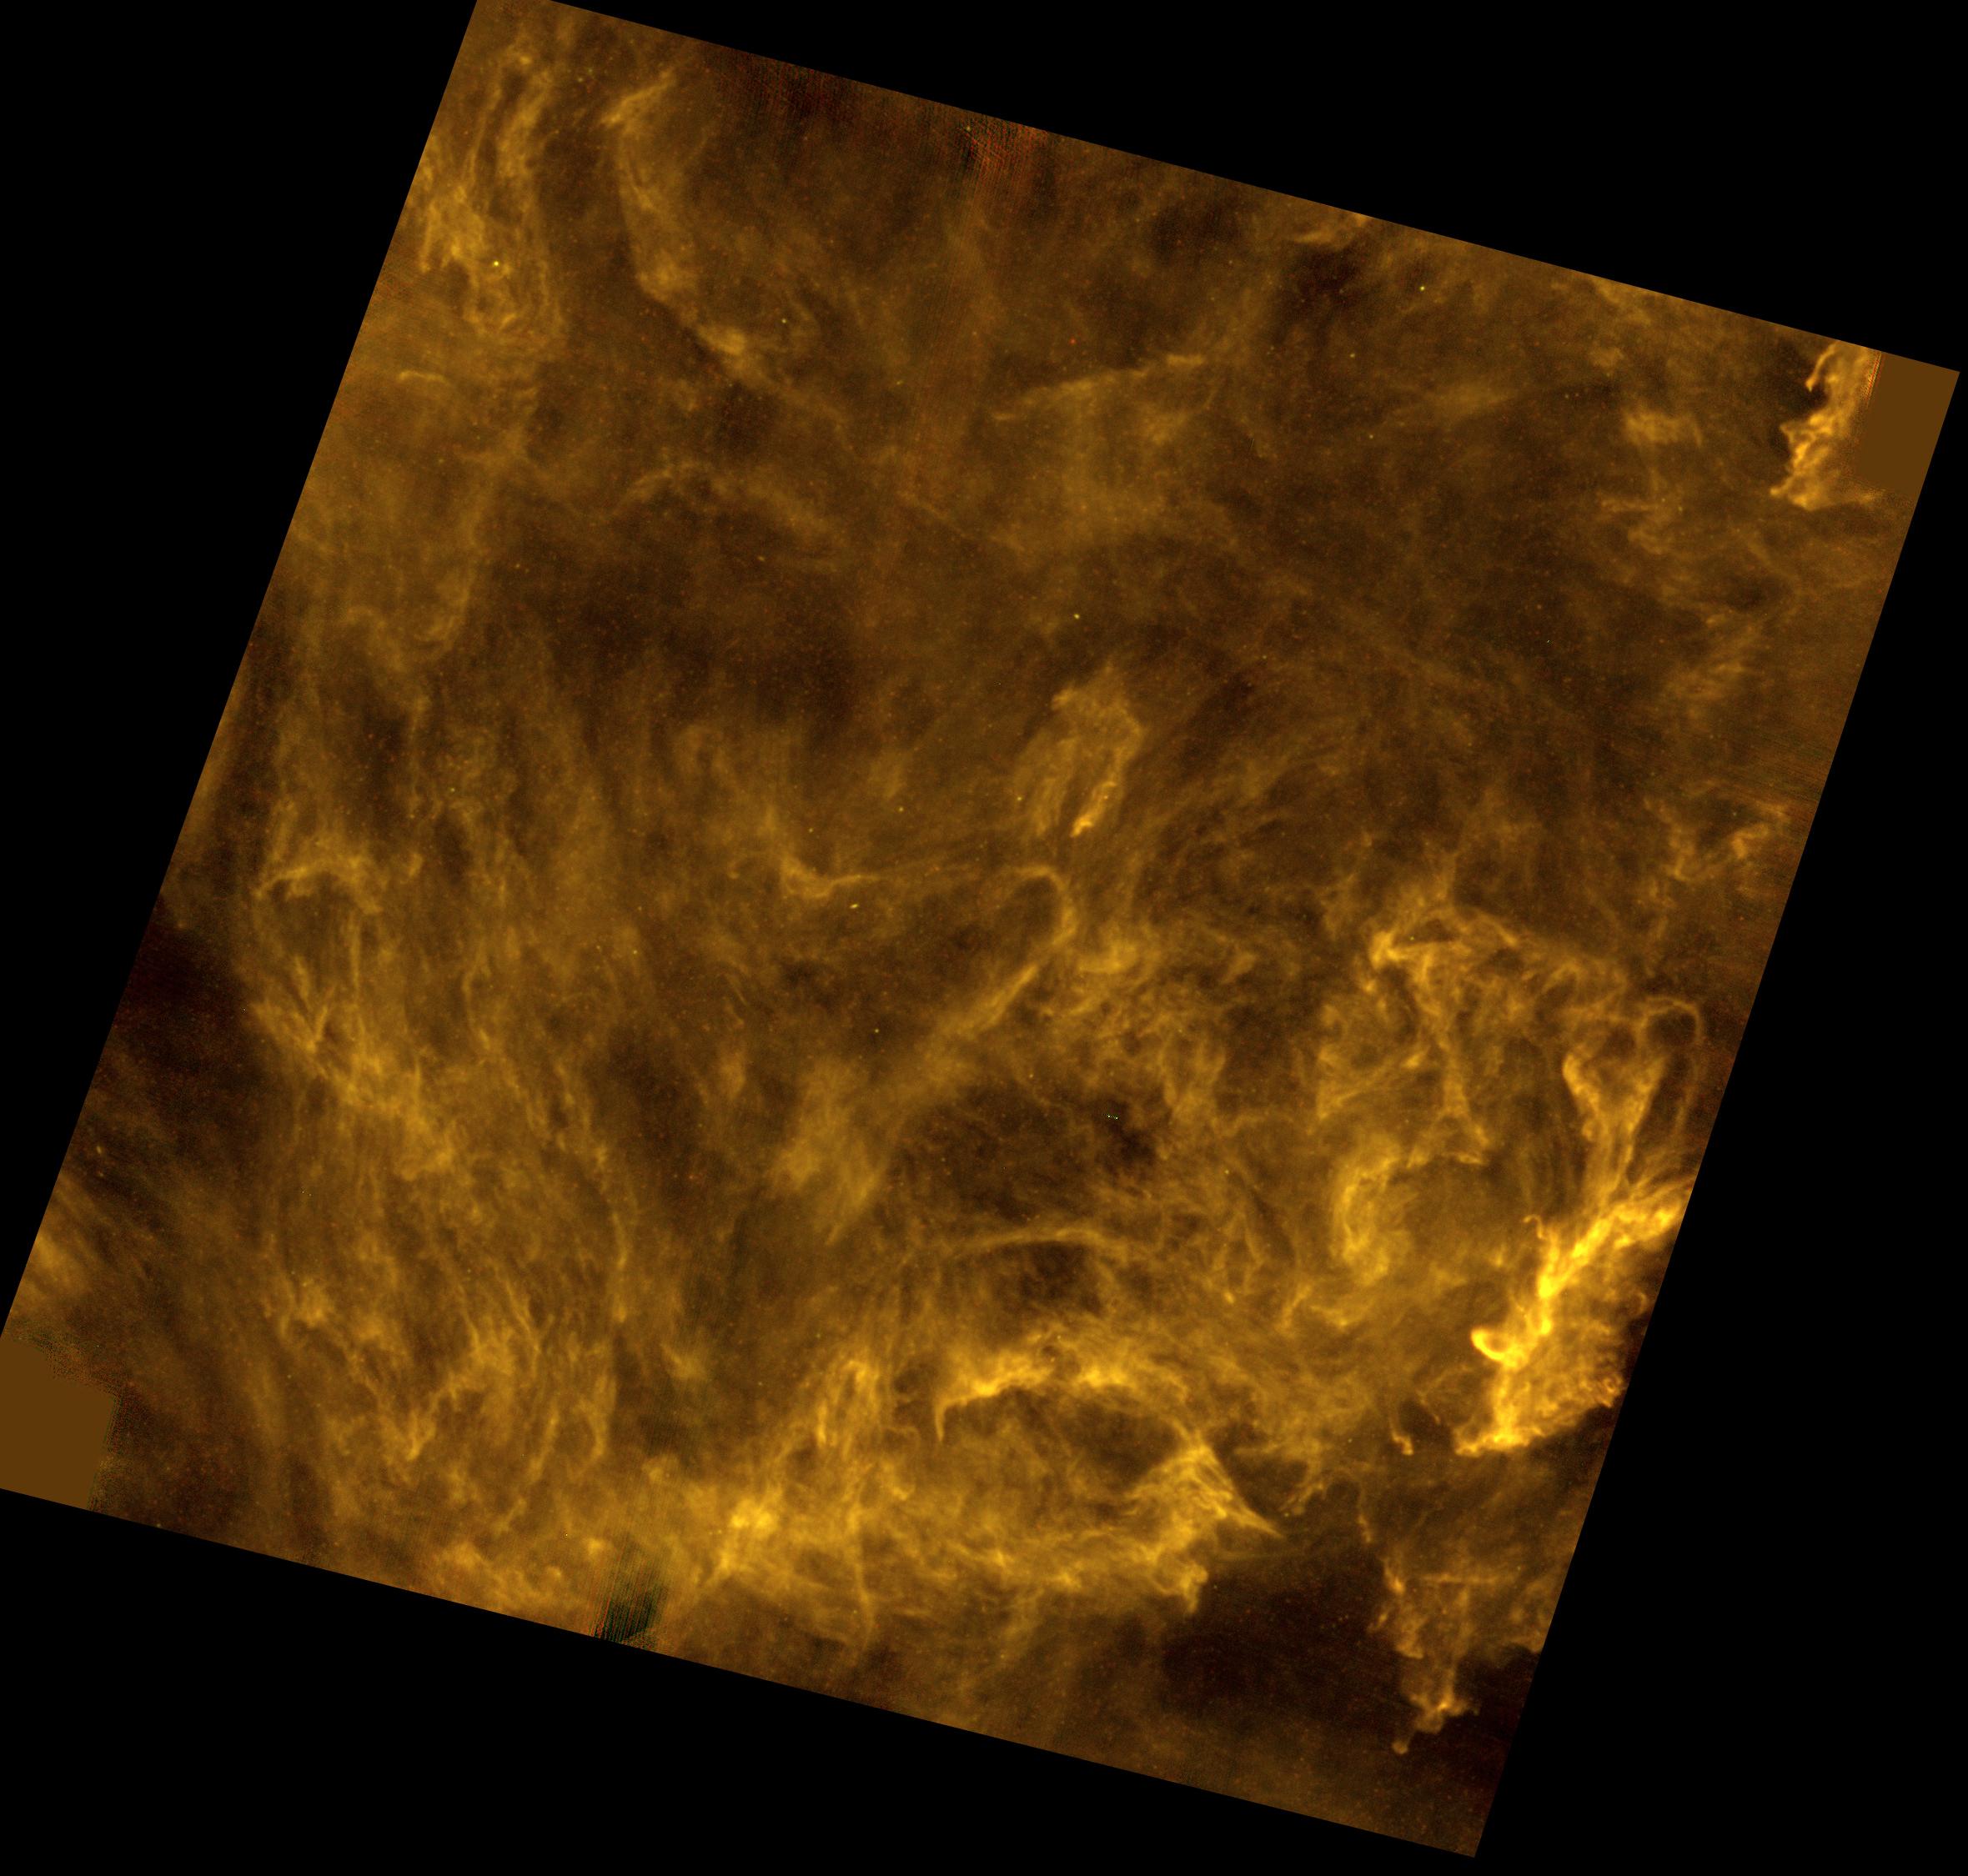 1567214956814-Herschel_Interstellar_filaments_in_Polaris.jpg